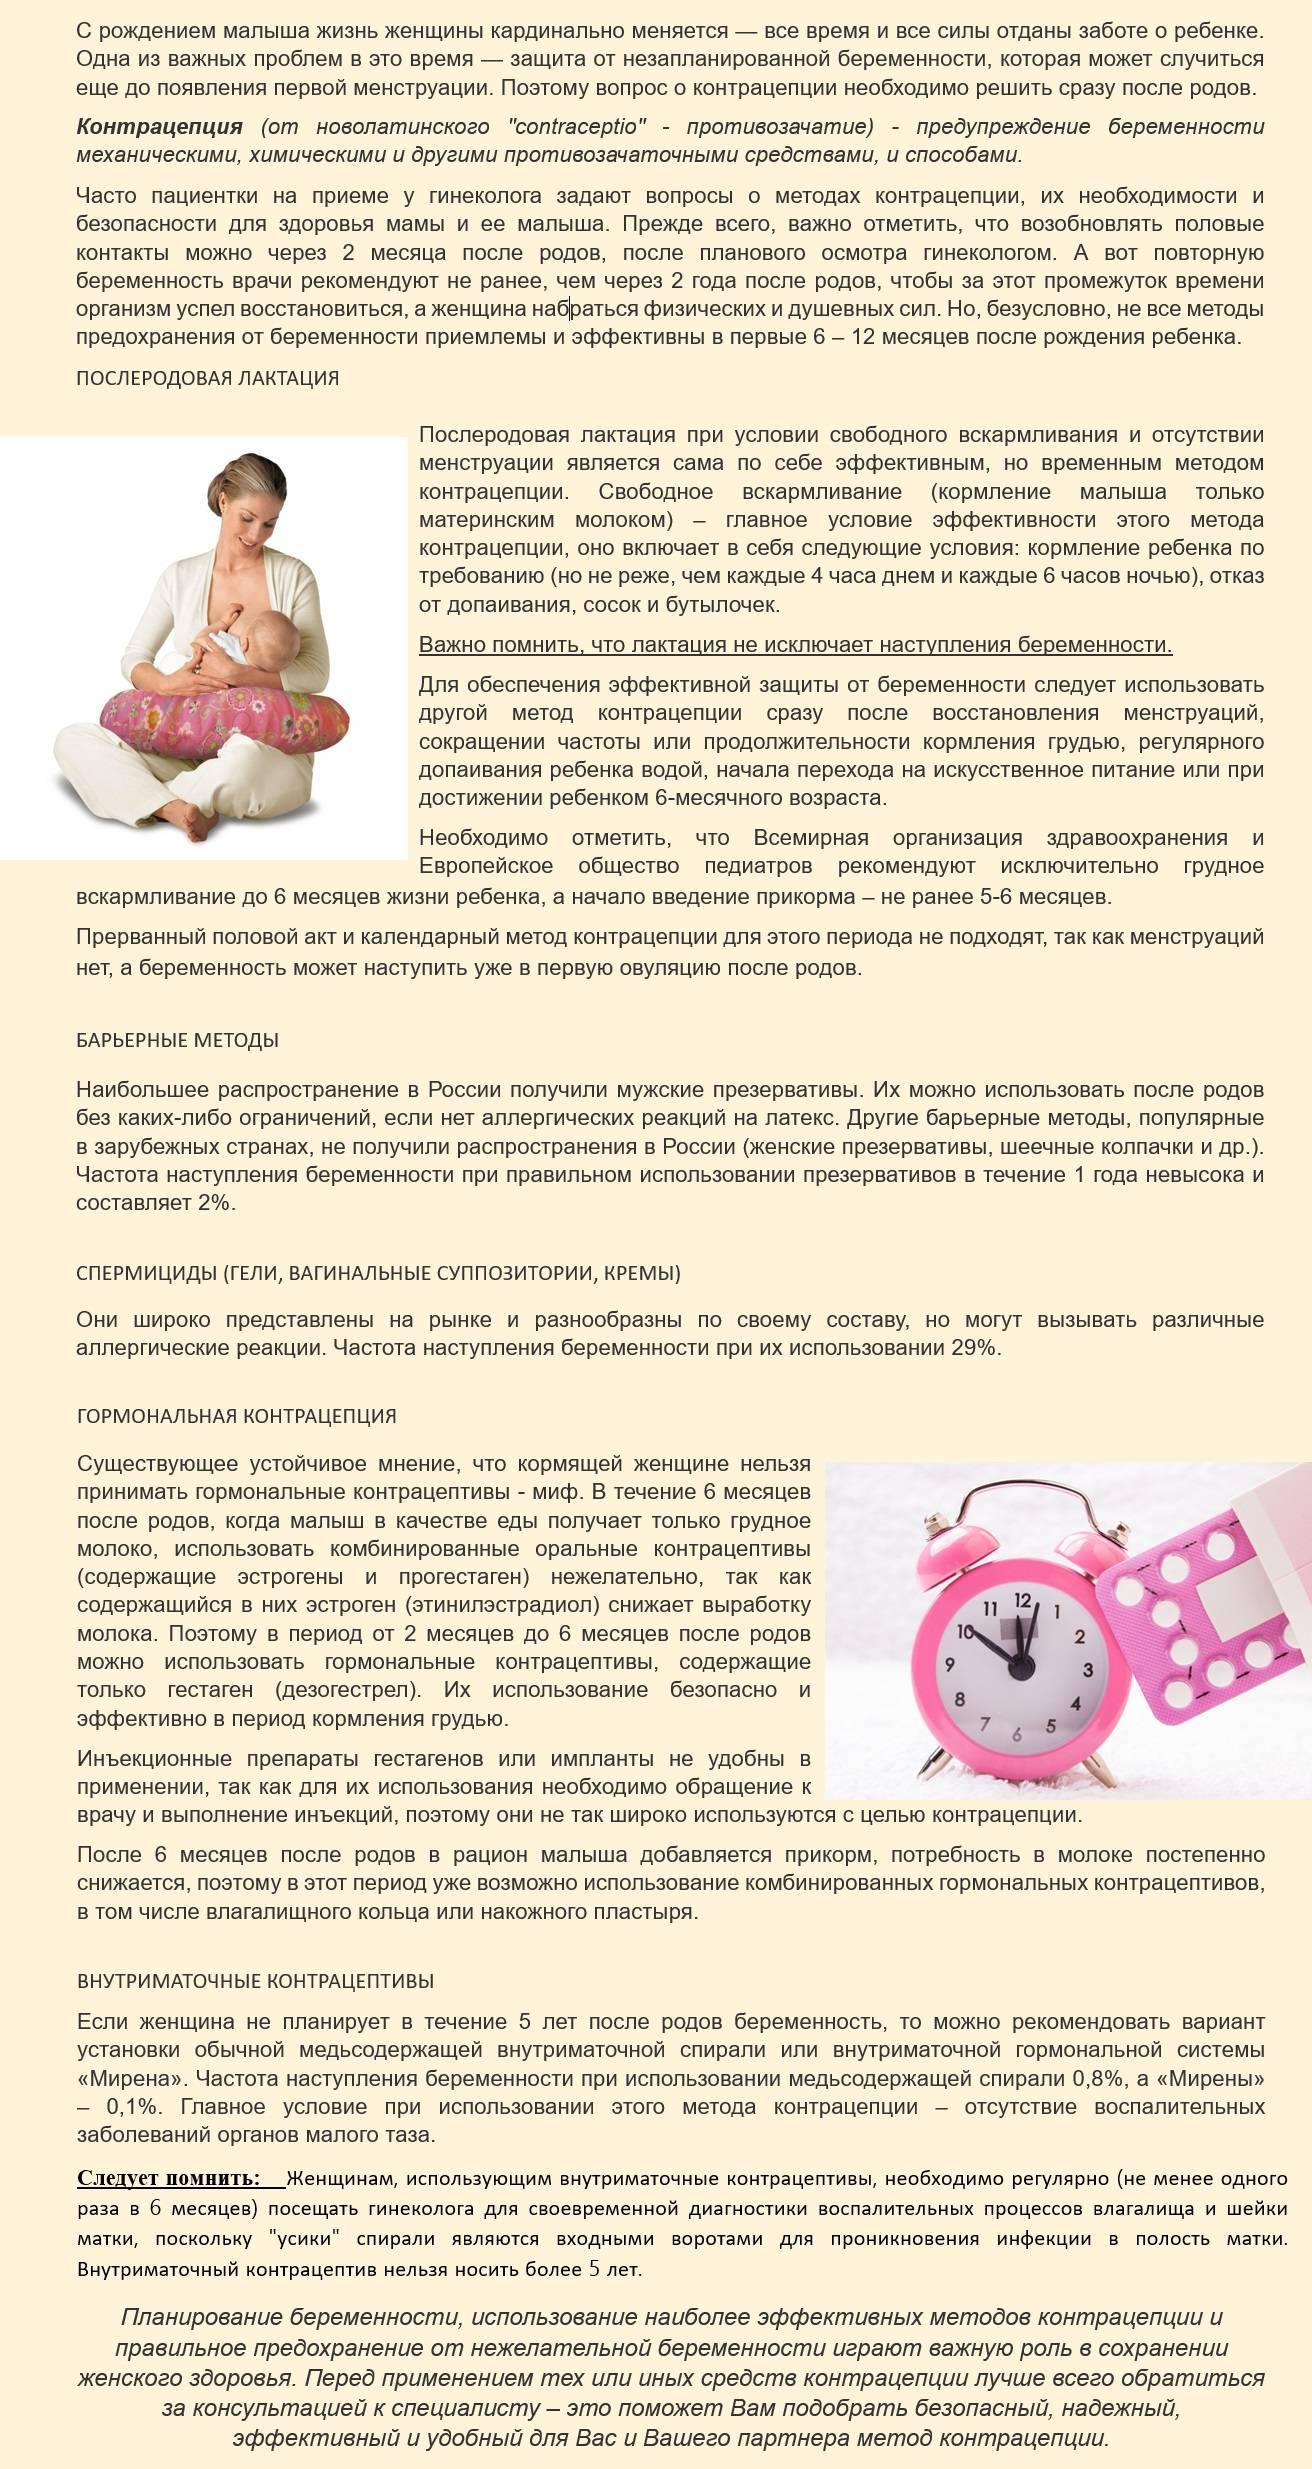 Можно ли принимать противозачаточные средства кормящим мамам